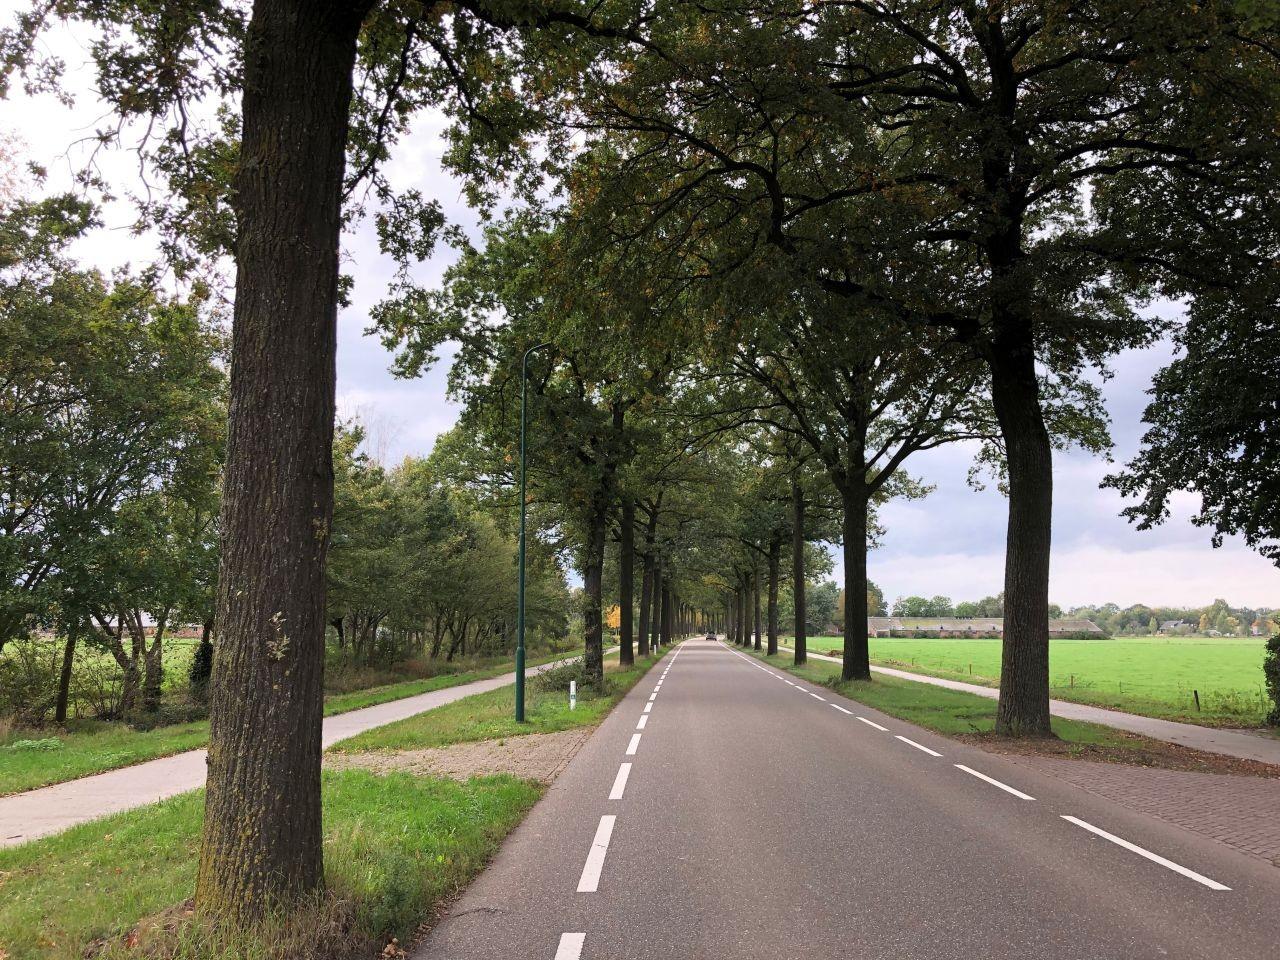 wijwelstraat